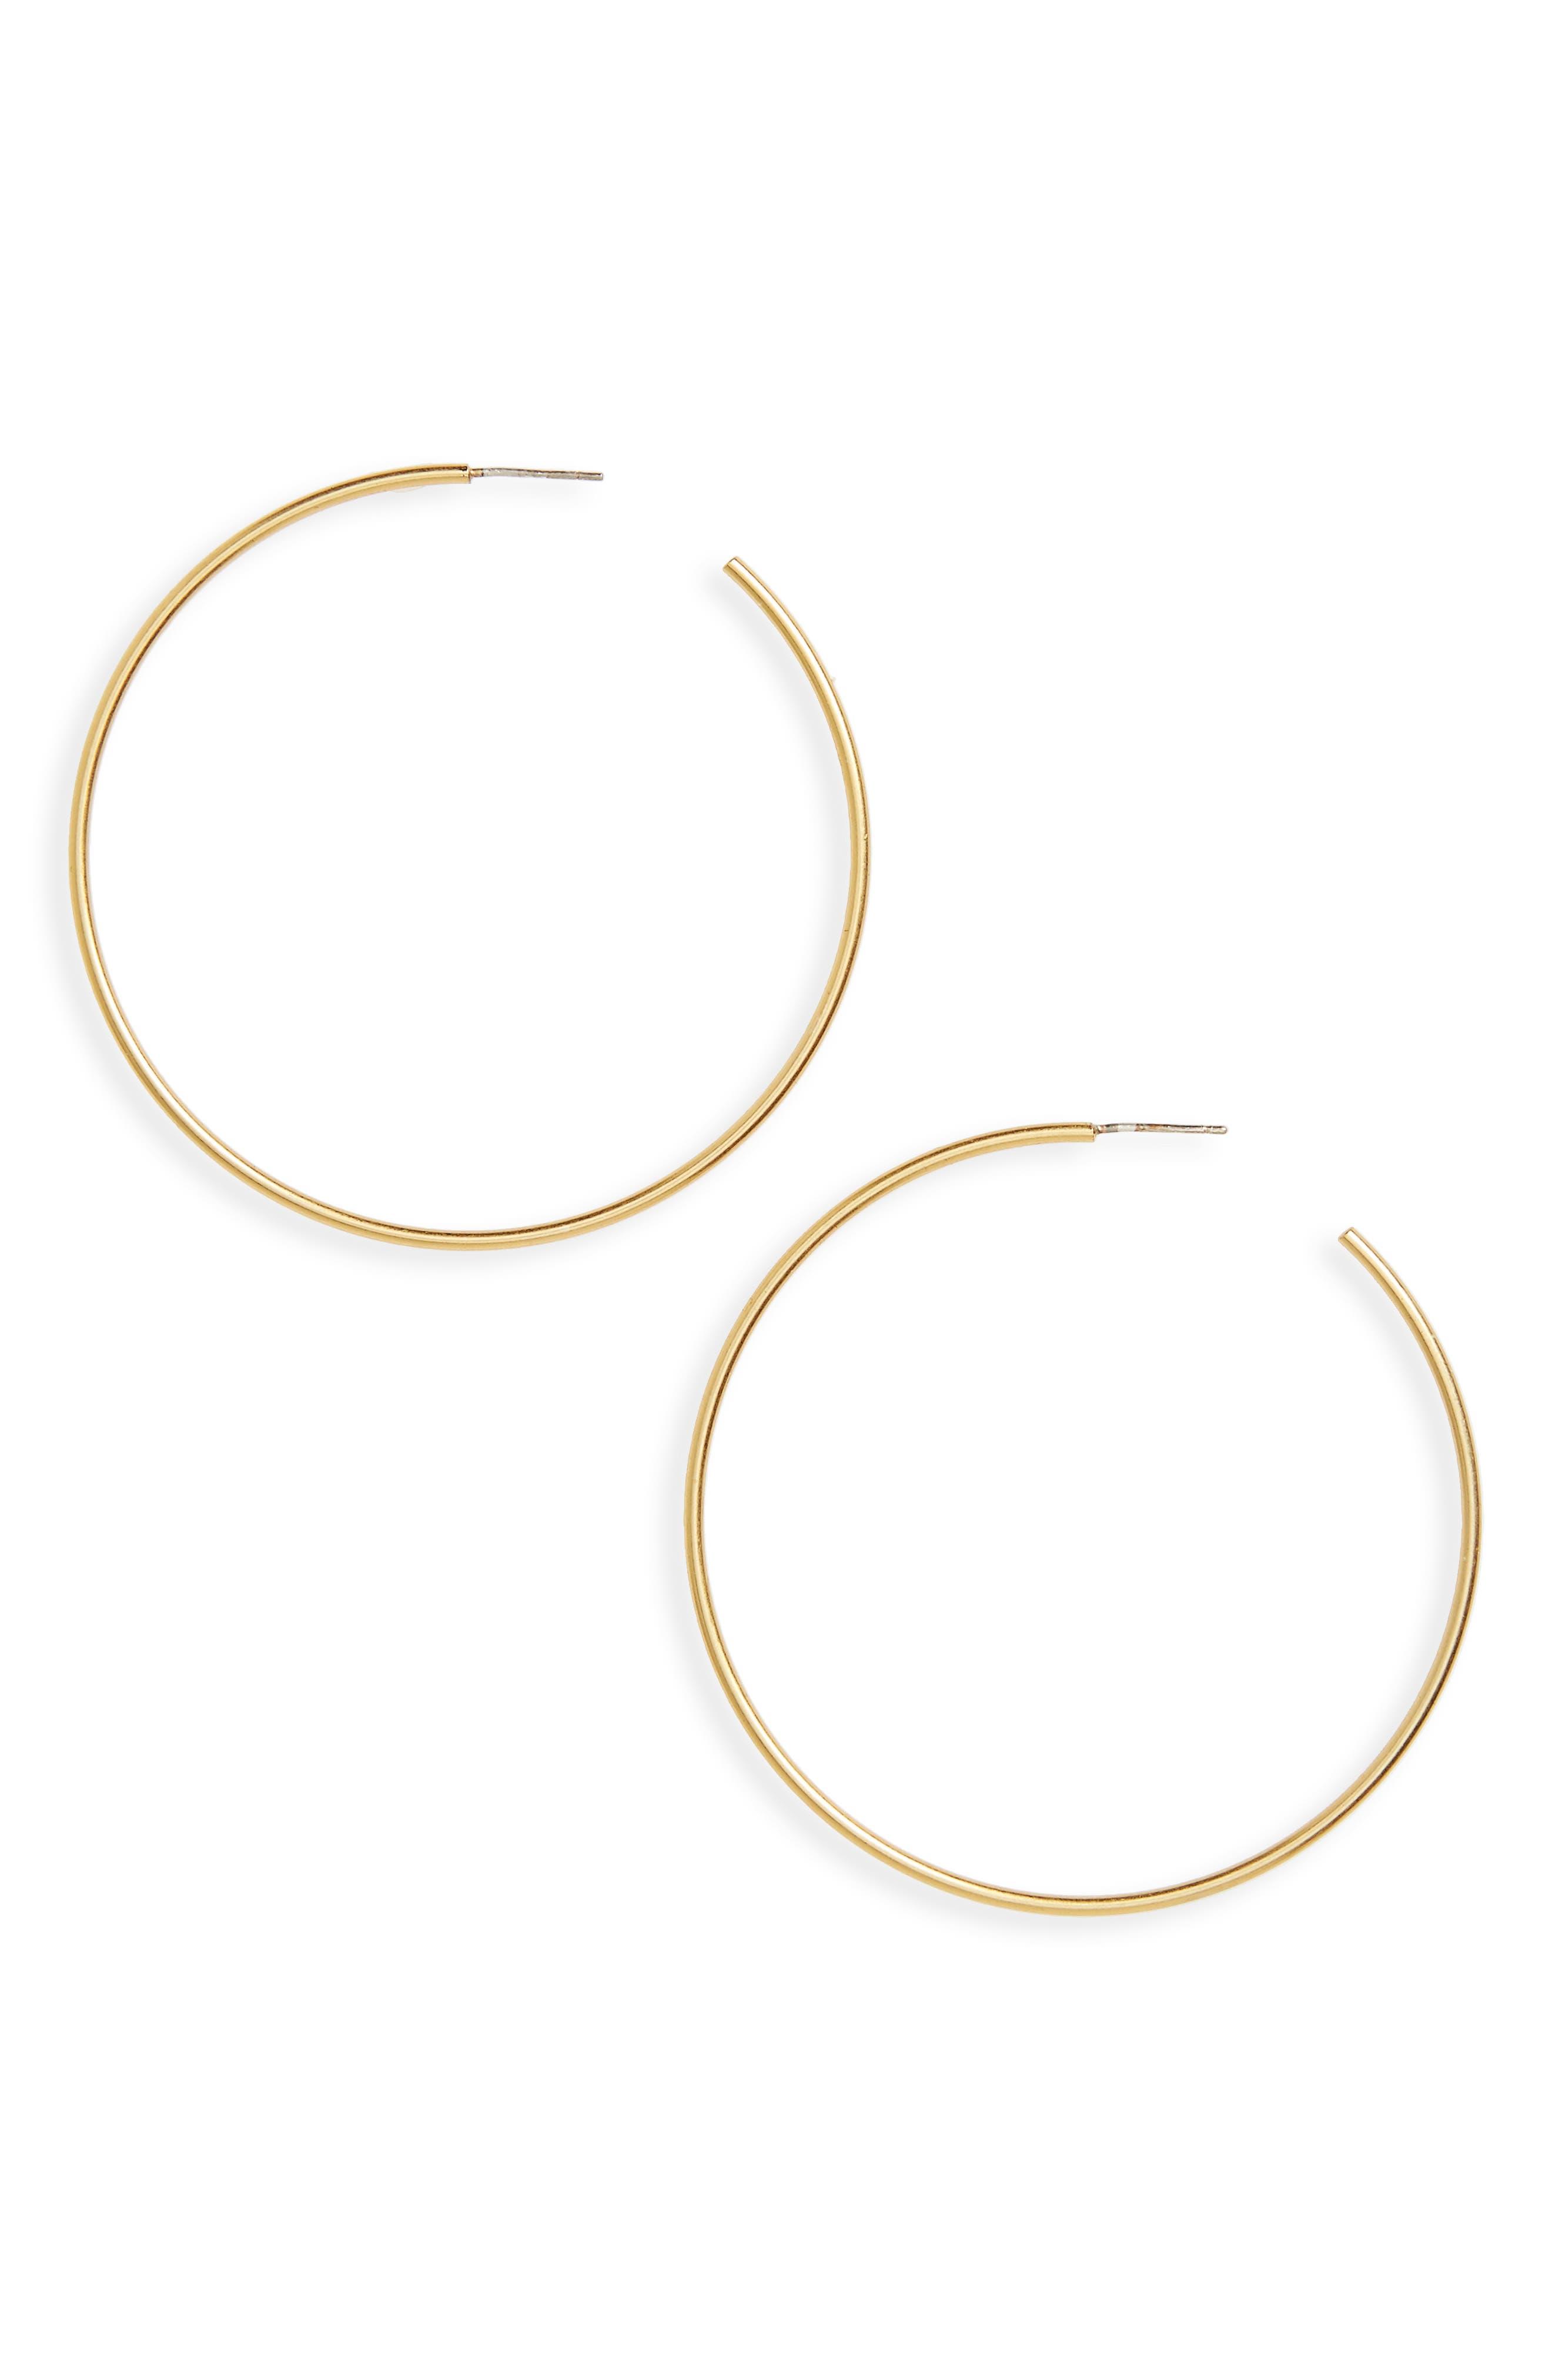 Main Image - Madewell Hoop Earrings